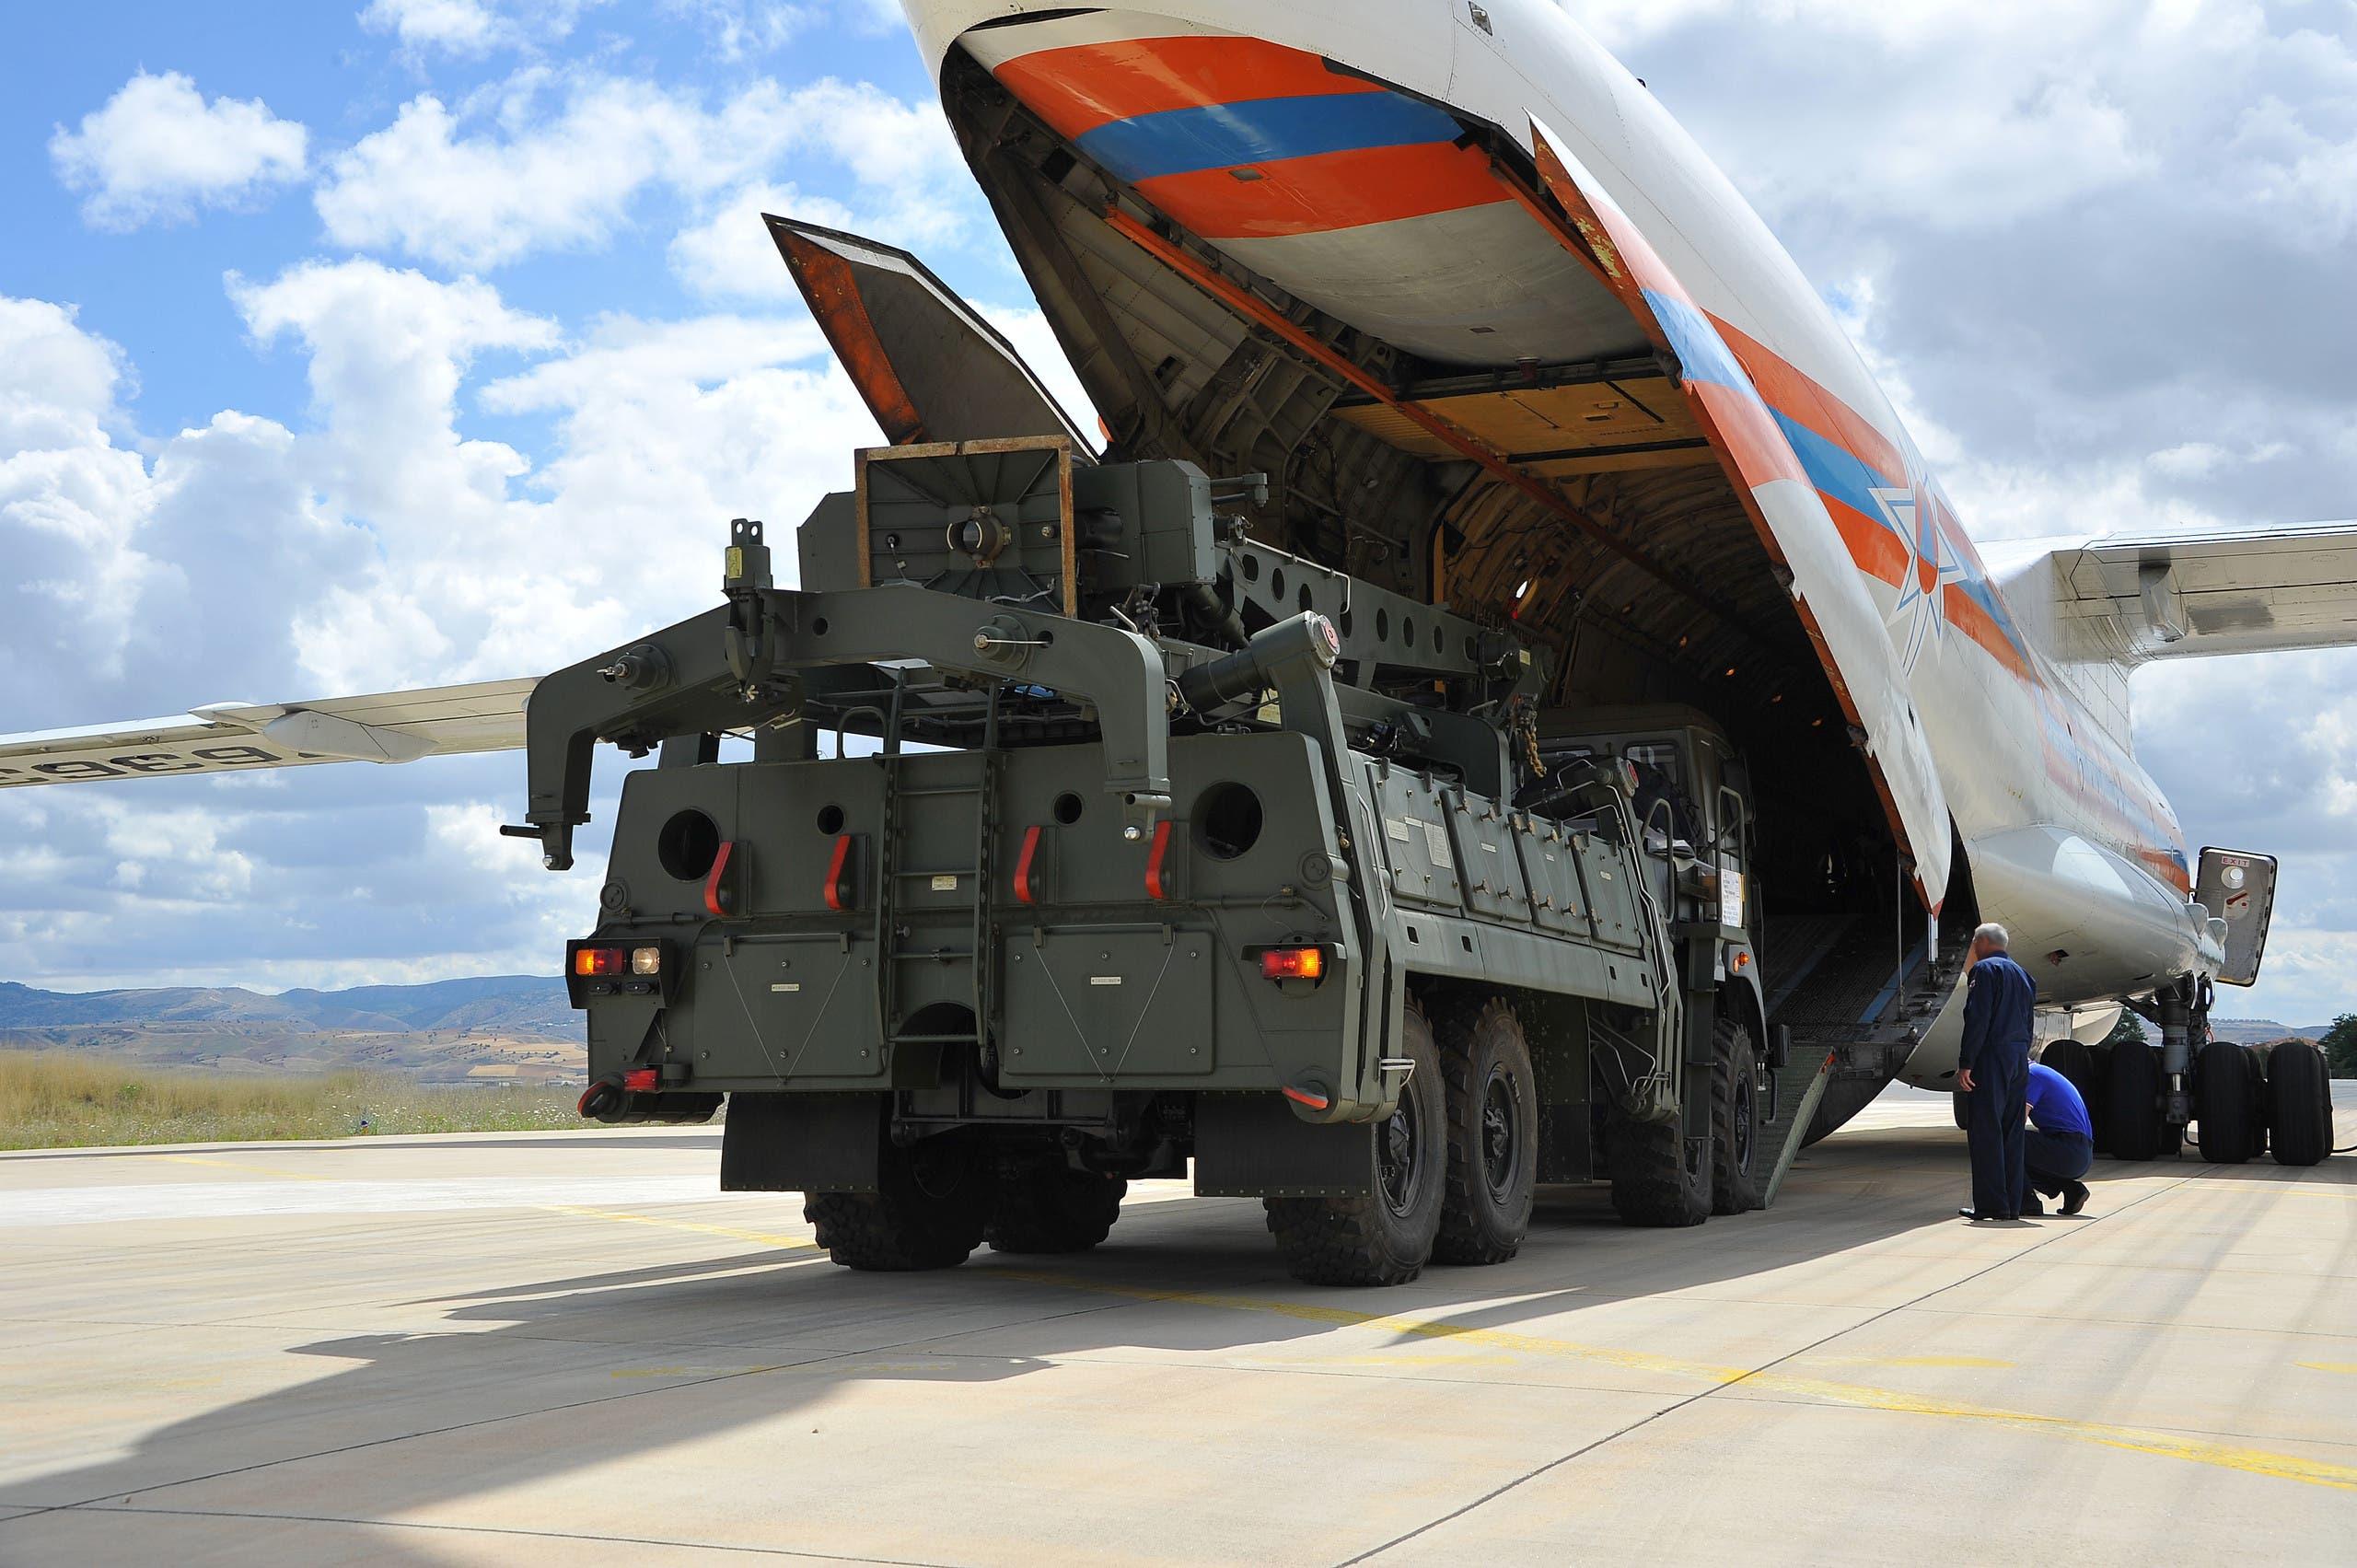 """من الدفعة الأولى من صواريخ """"اس 400"""" الروسية التي وصلت تركيا"""